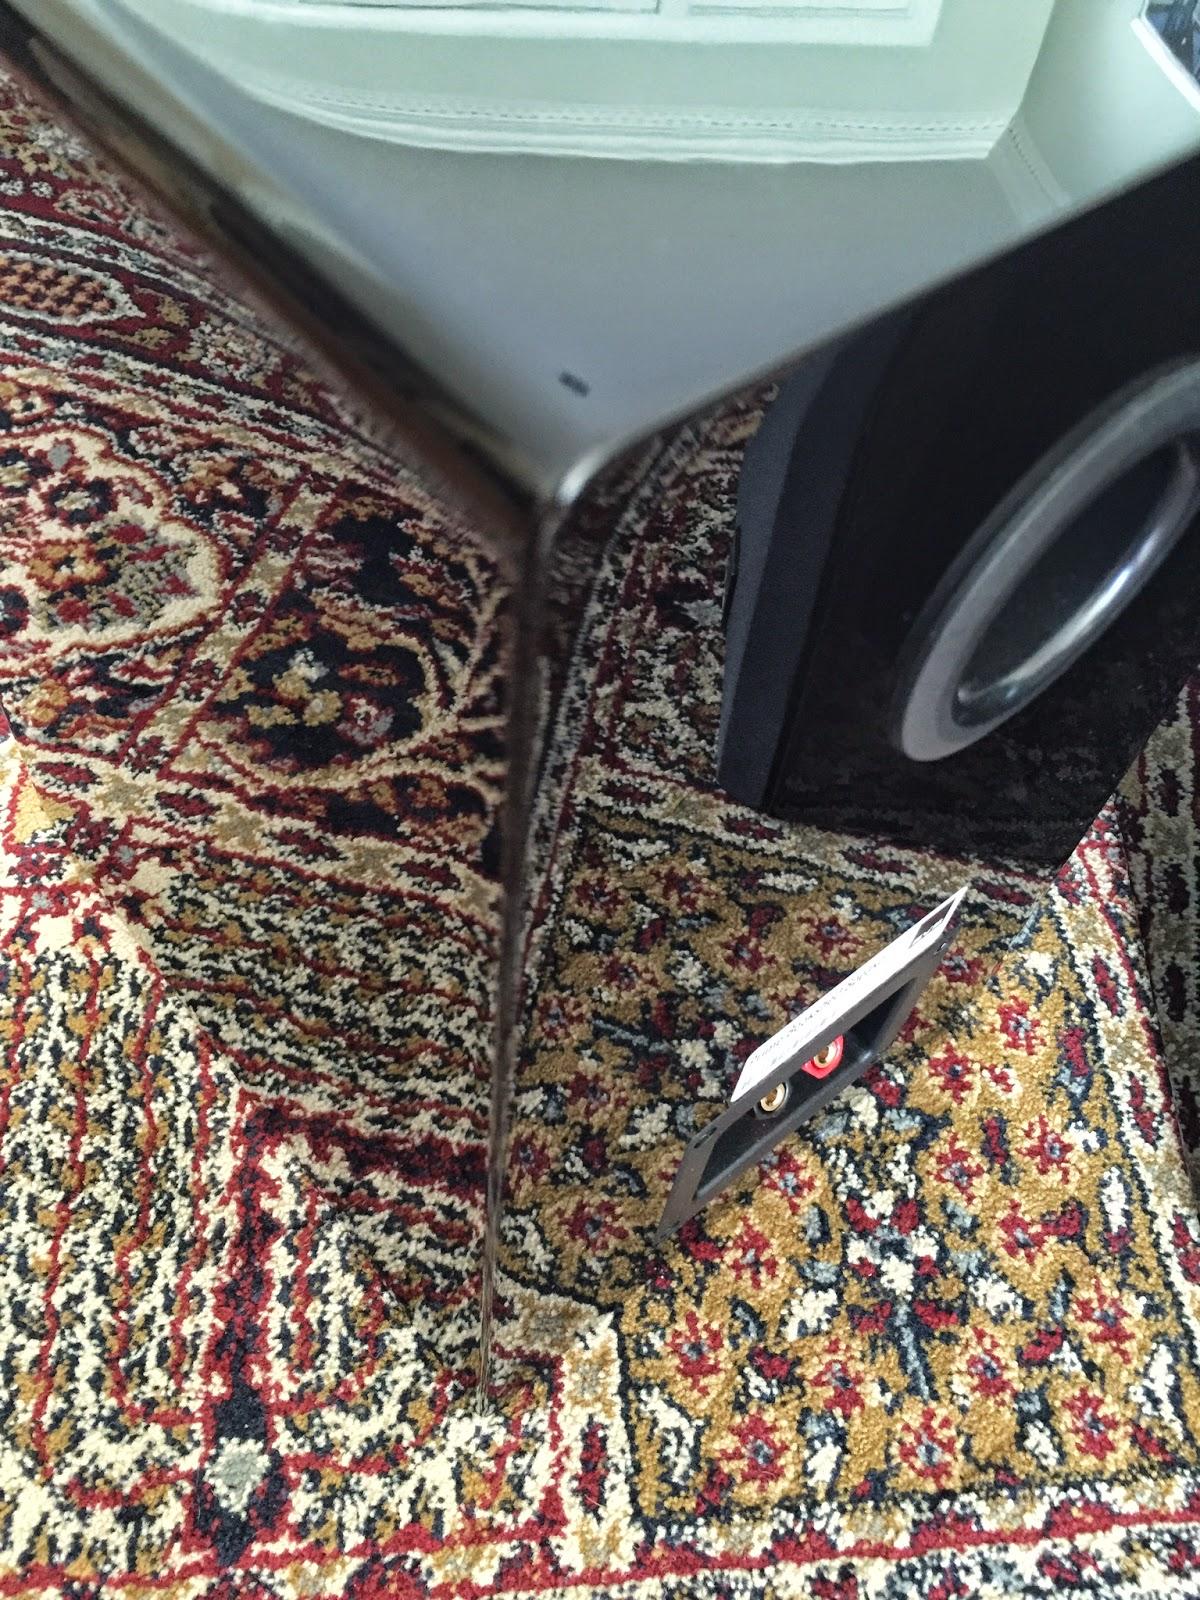 SVS Prime Bookshelf Loudspeaker in High Gloss Black